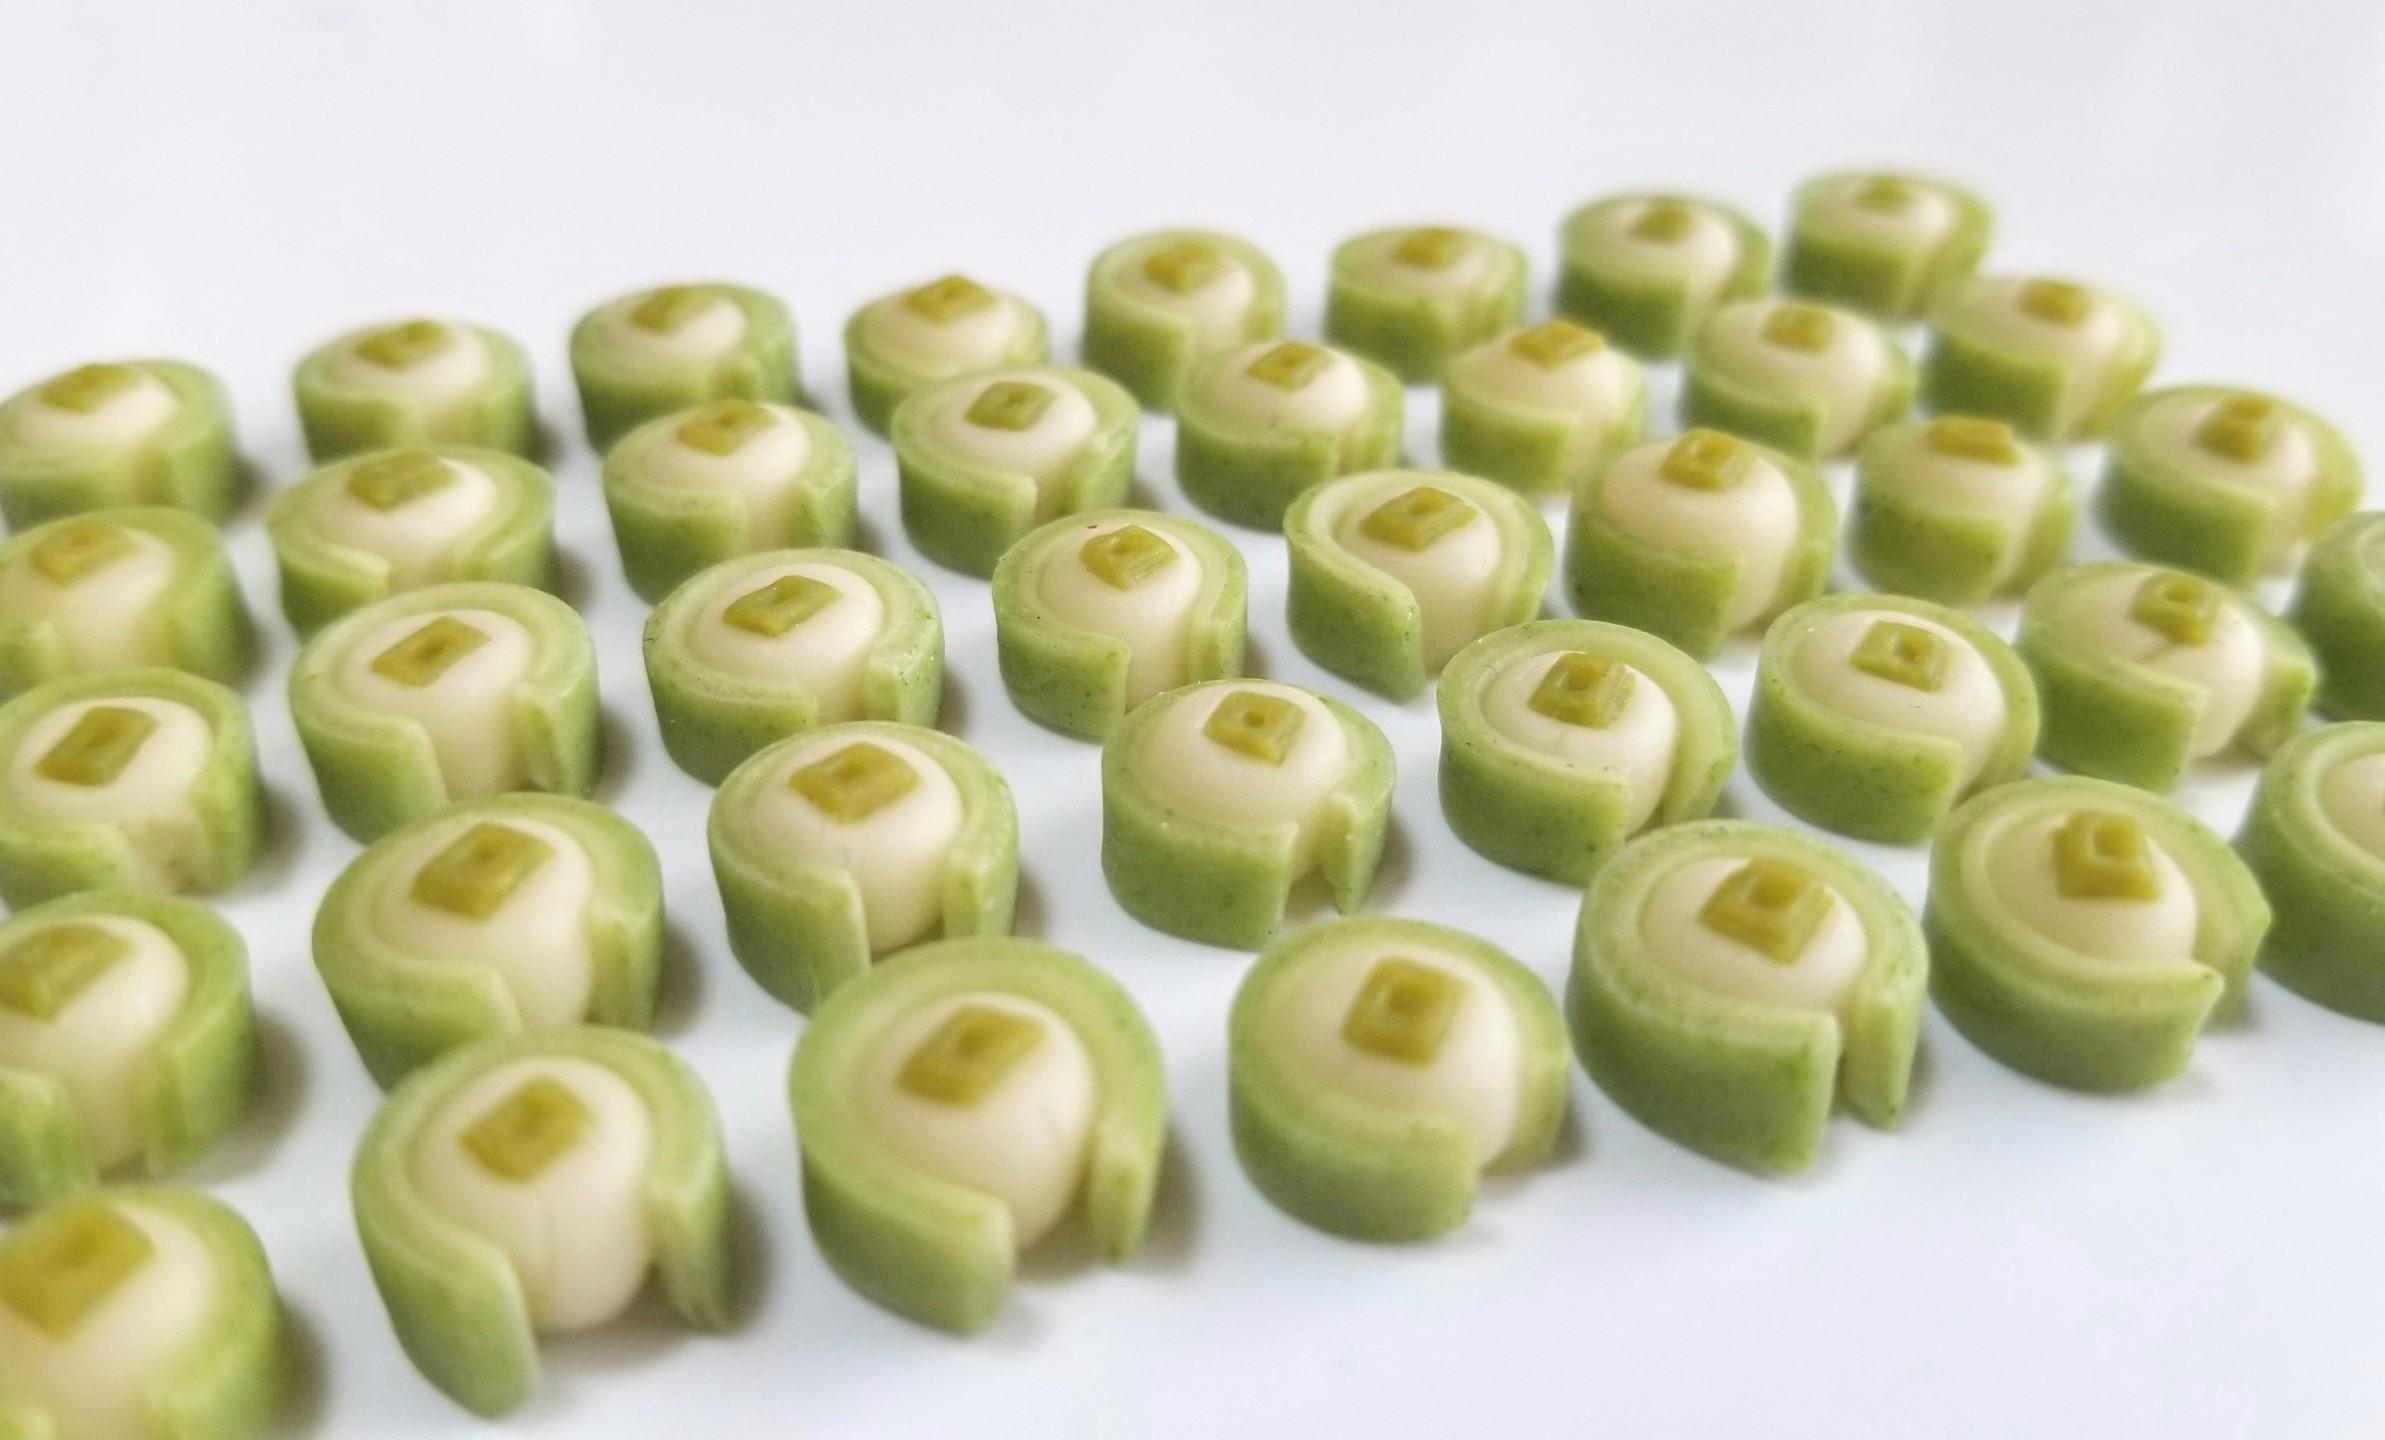 ミニチュアフード,京都の和菓子,樹脂粘土,オビツろいど,シルバニア